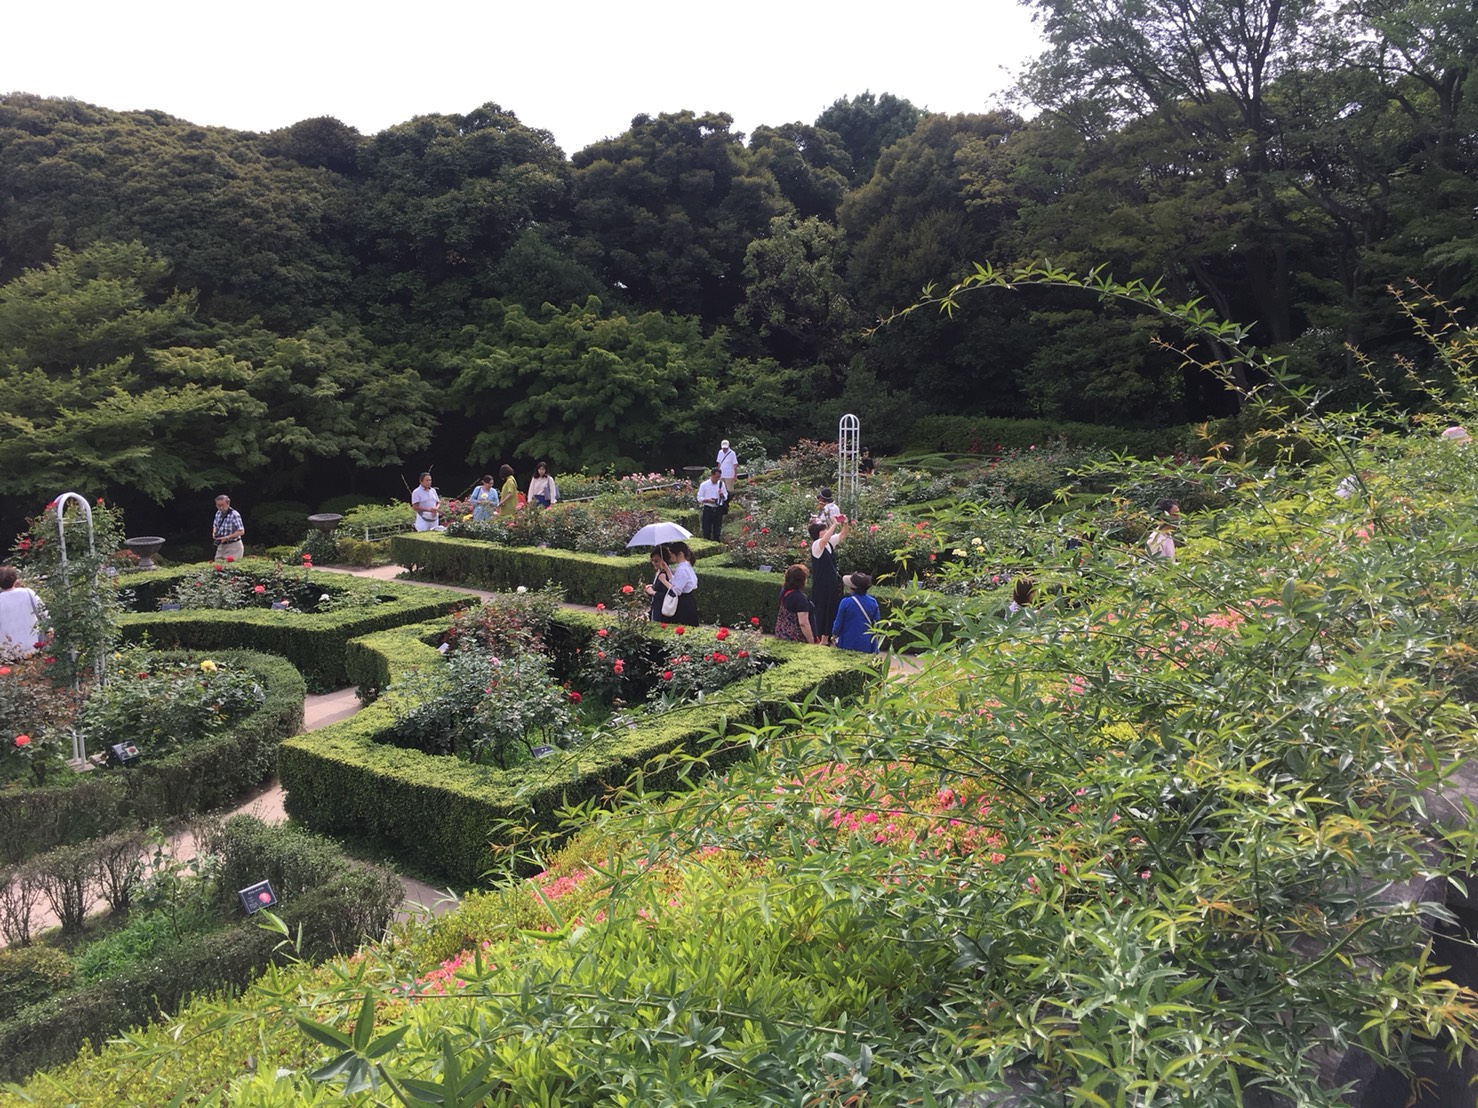 【上中里駅】バラが咲き誇る日英が混ざる庭園「旧古河庭園」のバラ園3